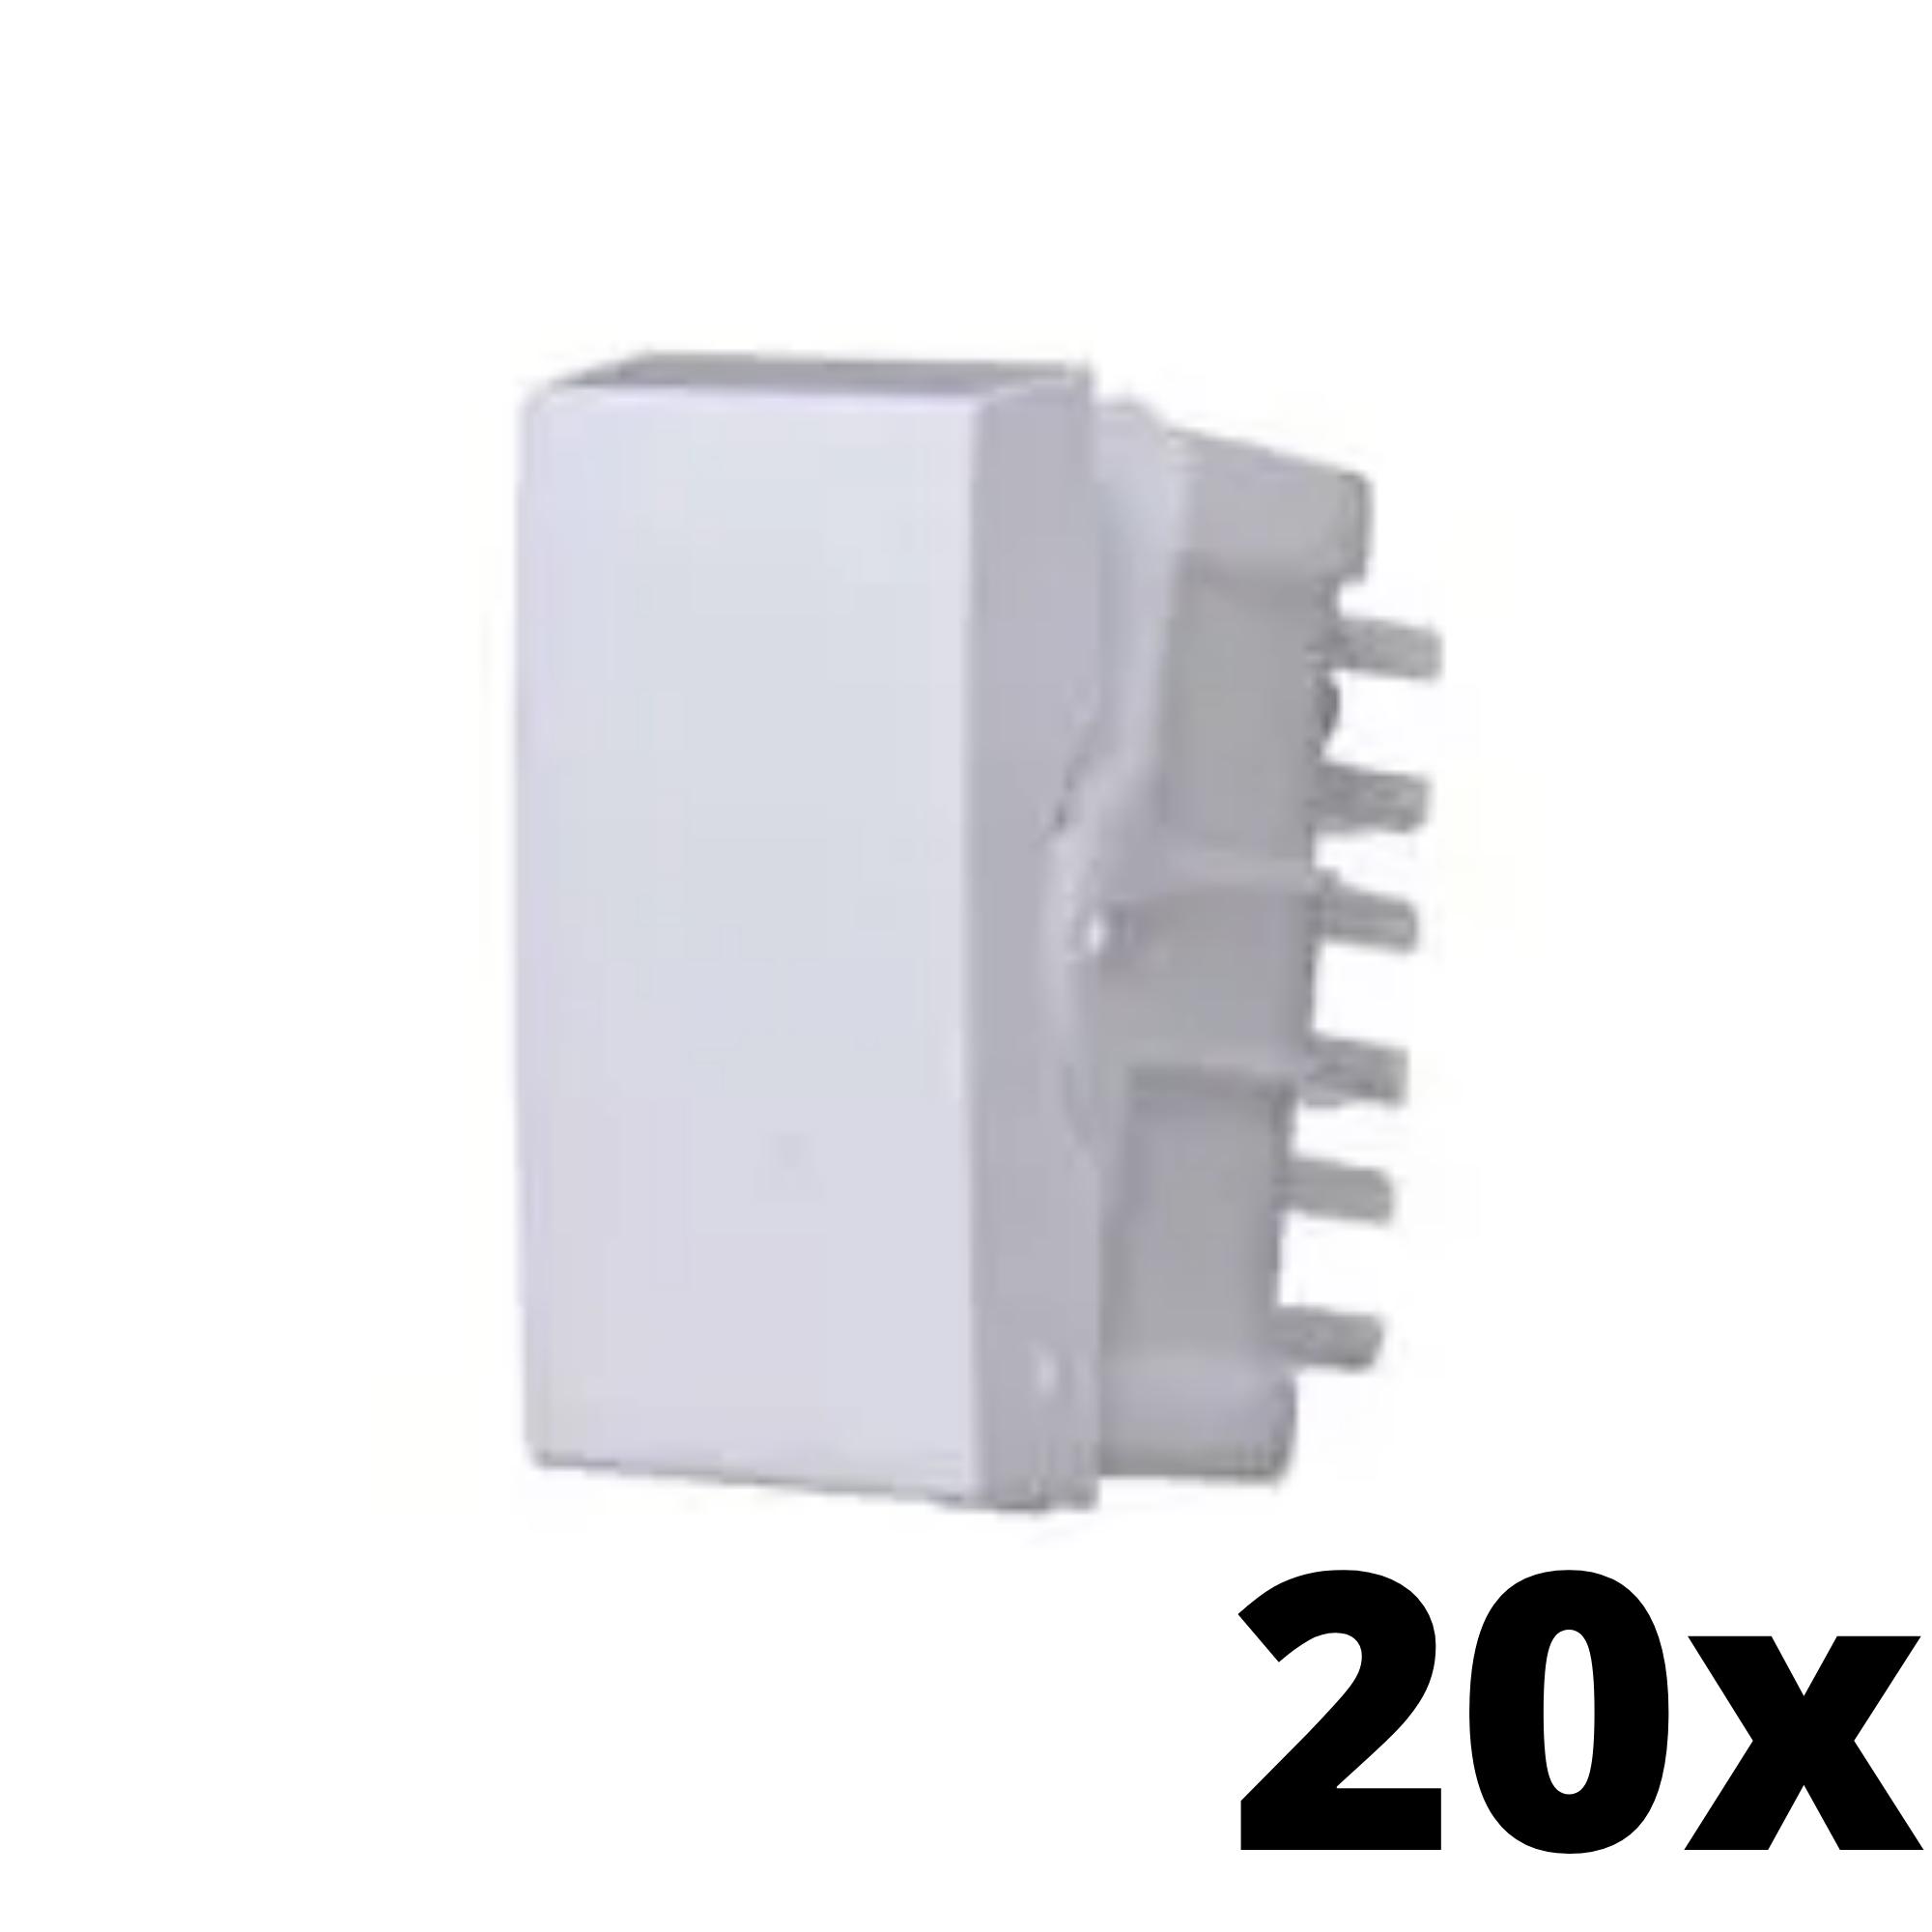 Kit 20 und Siena Módulo Interruptor Intermediário